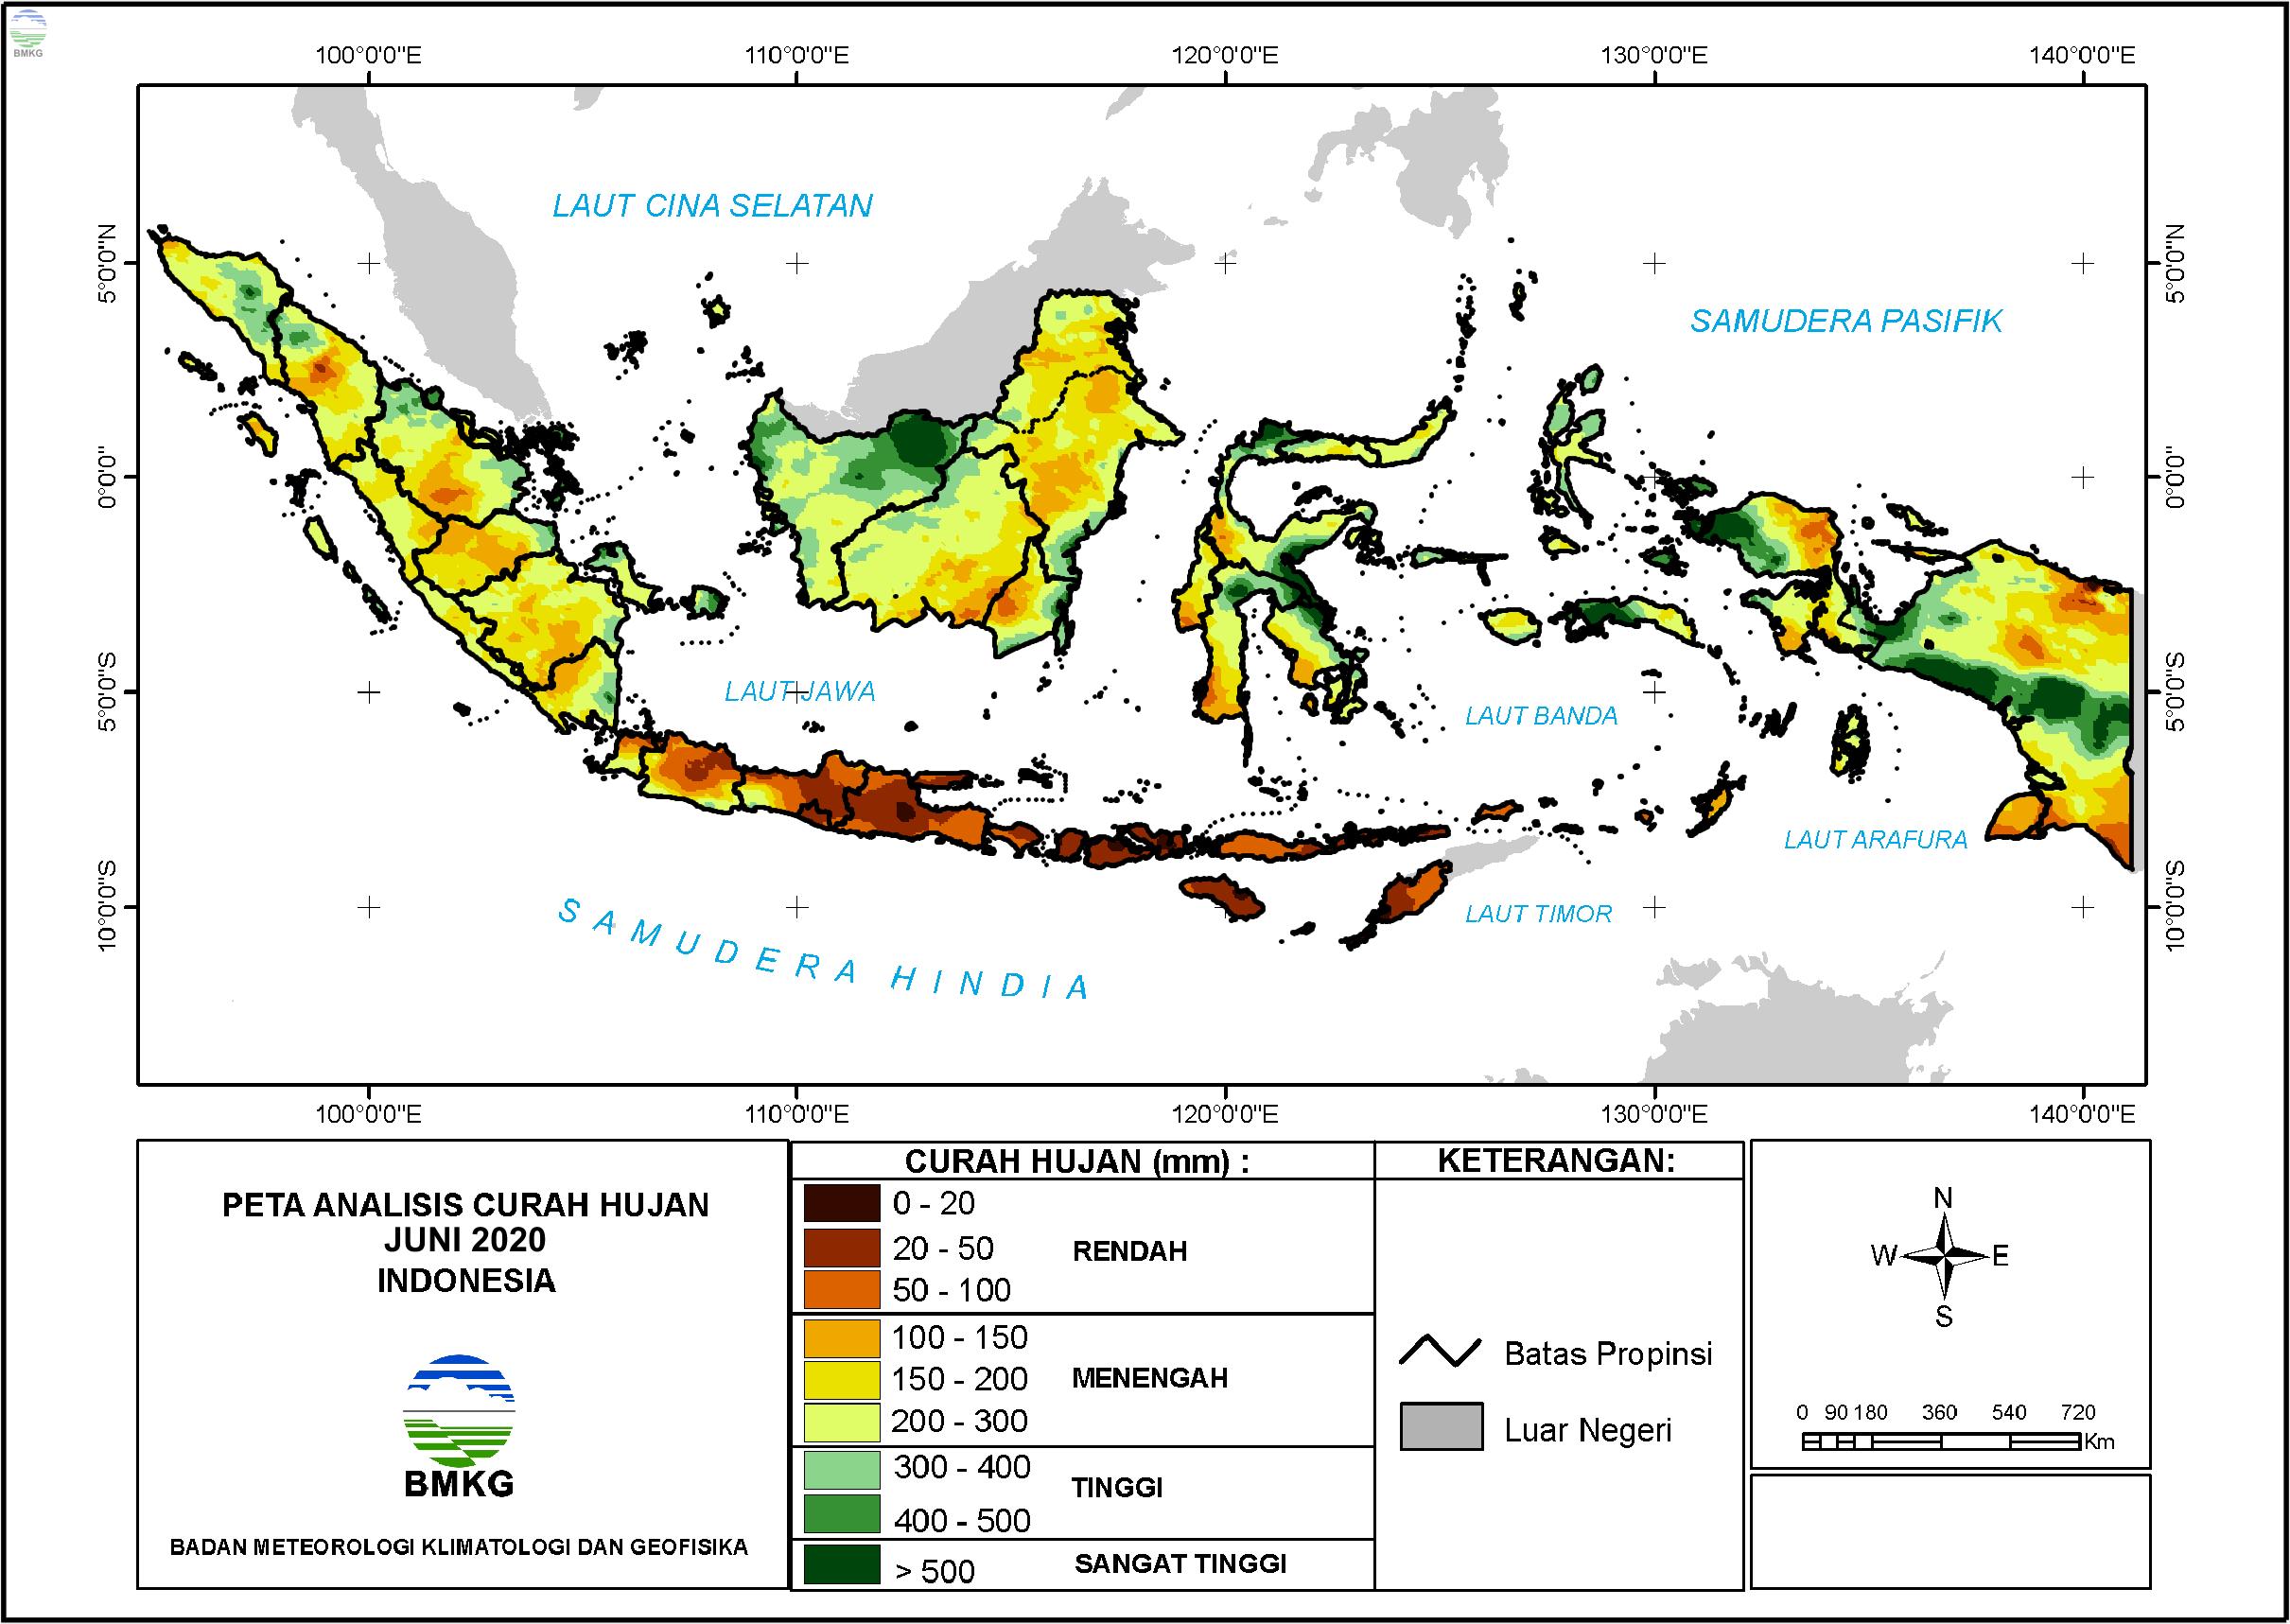 Analisis Curah Hujan dan Sifat Hujan Juni 2020